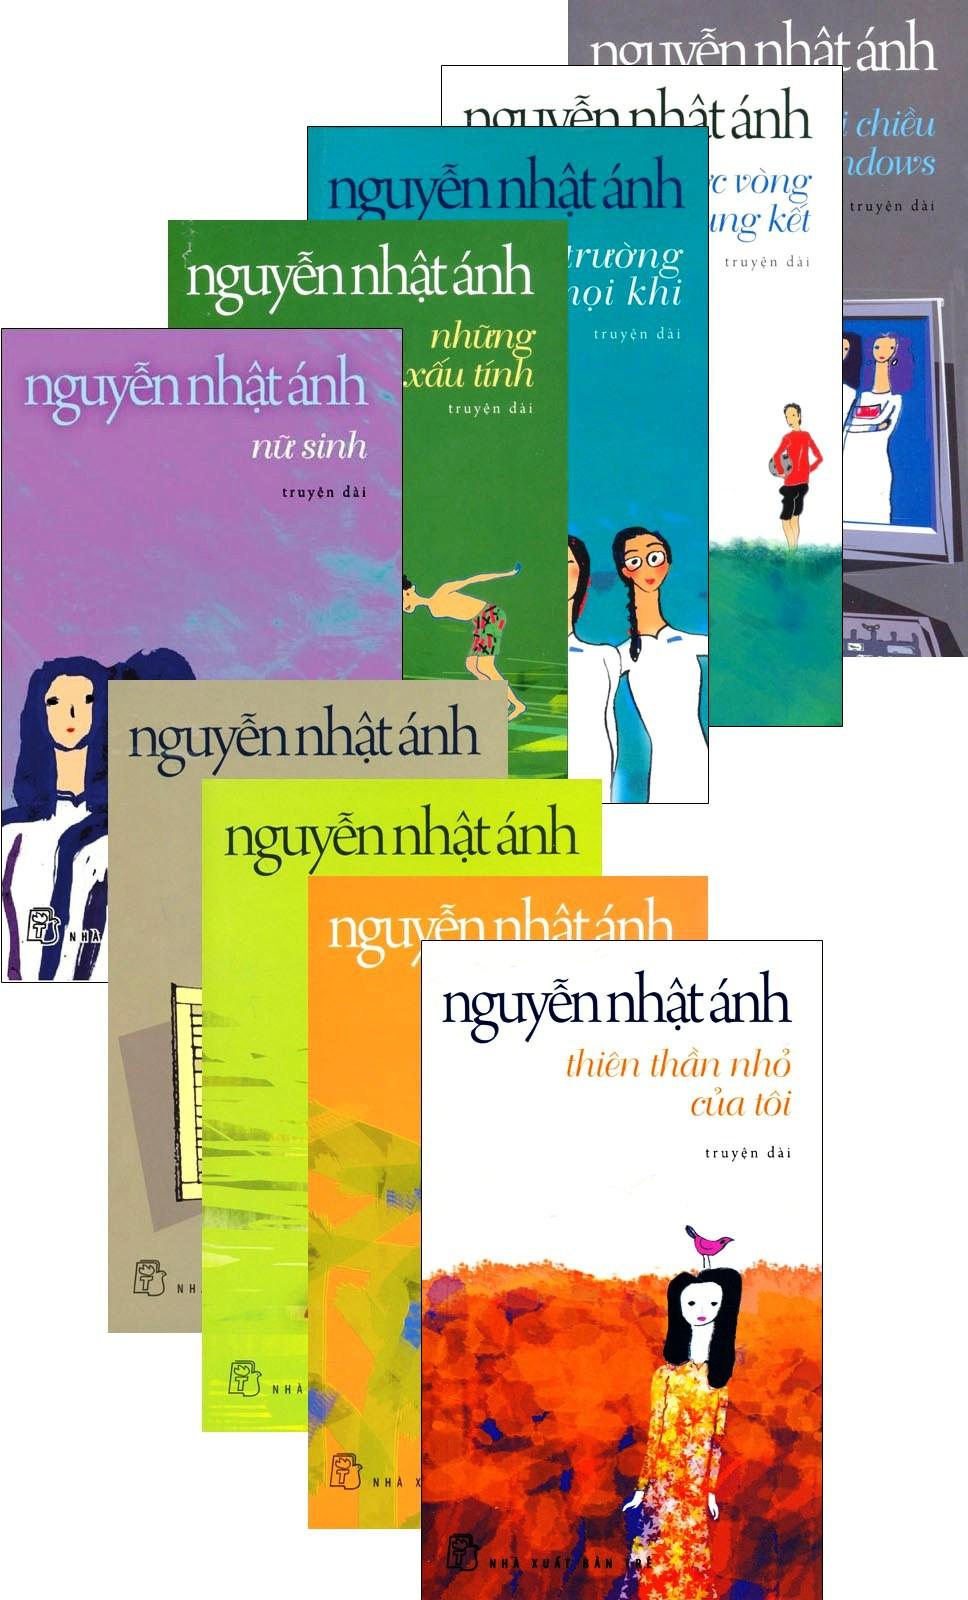 Combo Truyện Dài Của Nguyễn Nhật Ánh (Bộ 9 Cuốn)